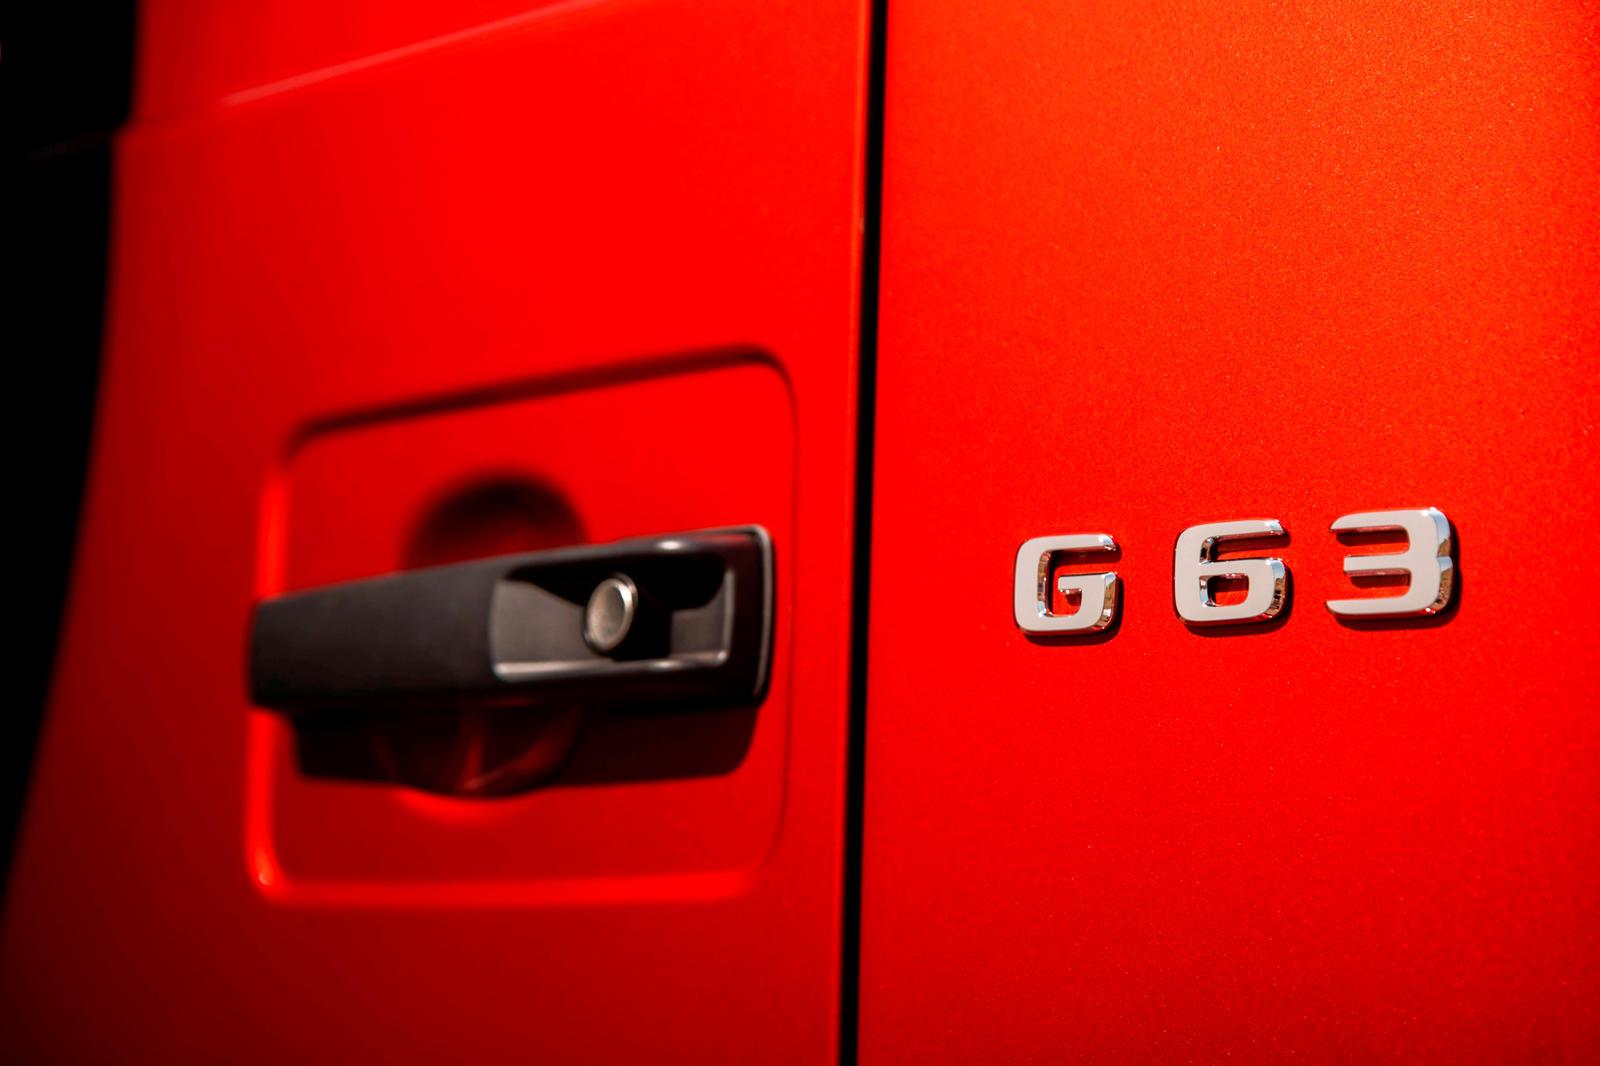 Ранее подвиги Performmaster включали в себя 730-сильную версию четырехдверного купе AMG GT. Чтобы представить эти цифры G63 в перспективе, он более мощный, чем любой стоковый AMG, который вы можете купить, включая огнедышащую серию AMG GT Black. Он т